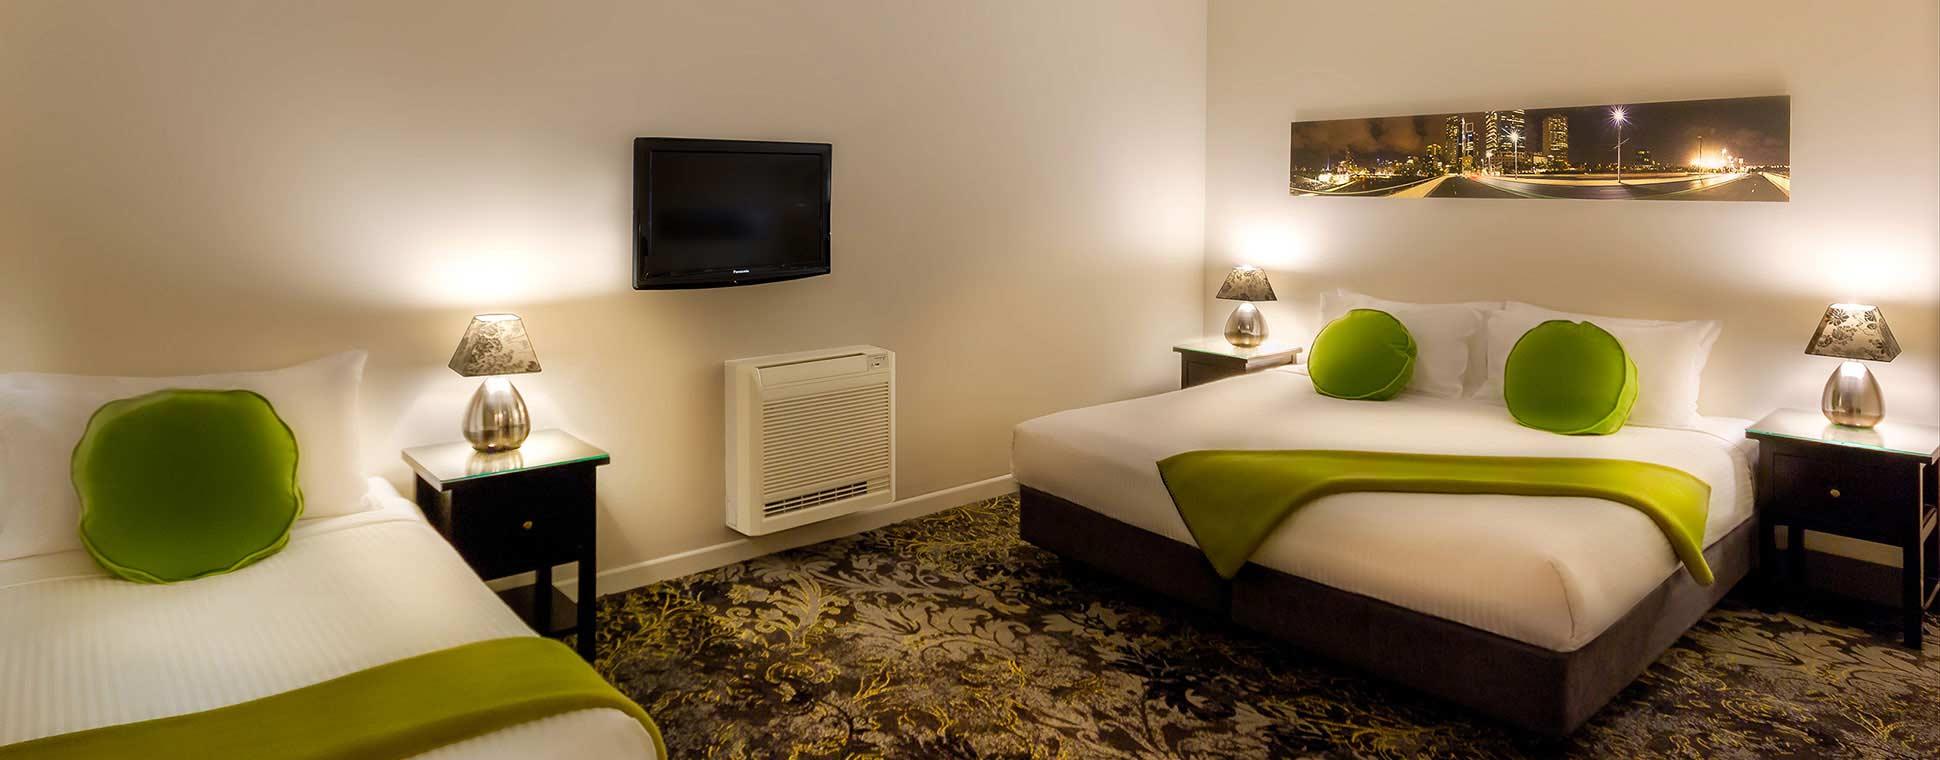 city limits hotel melbourne